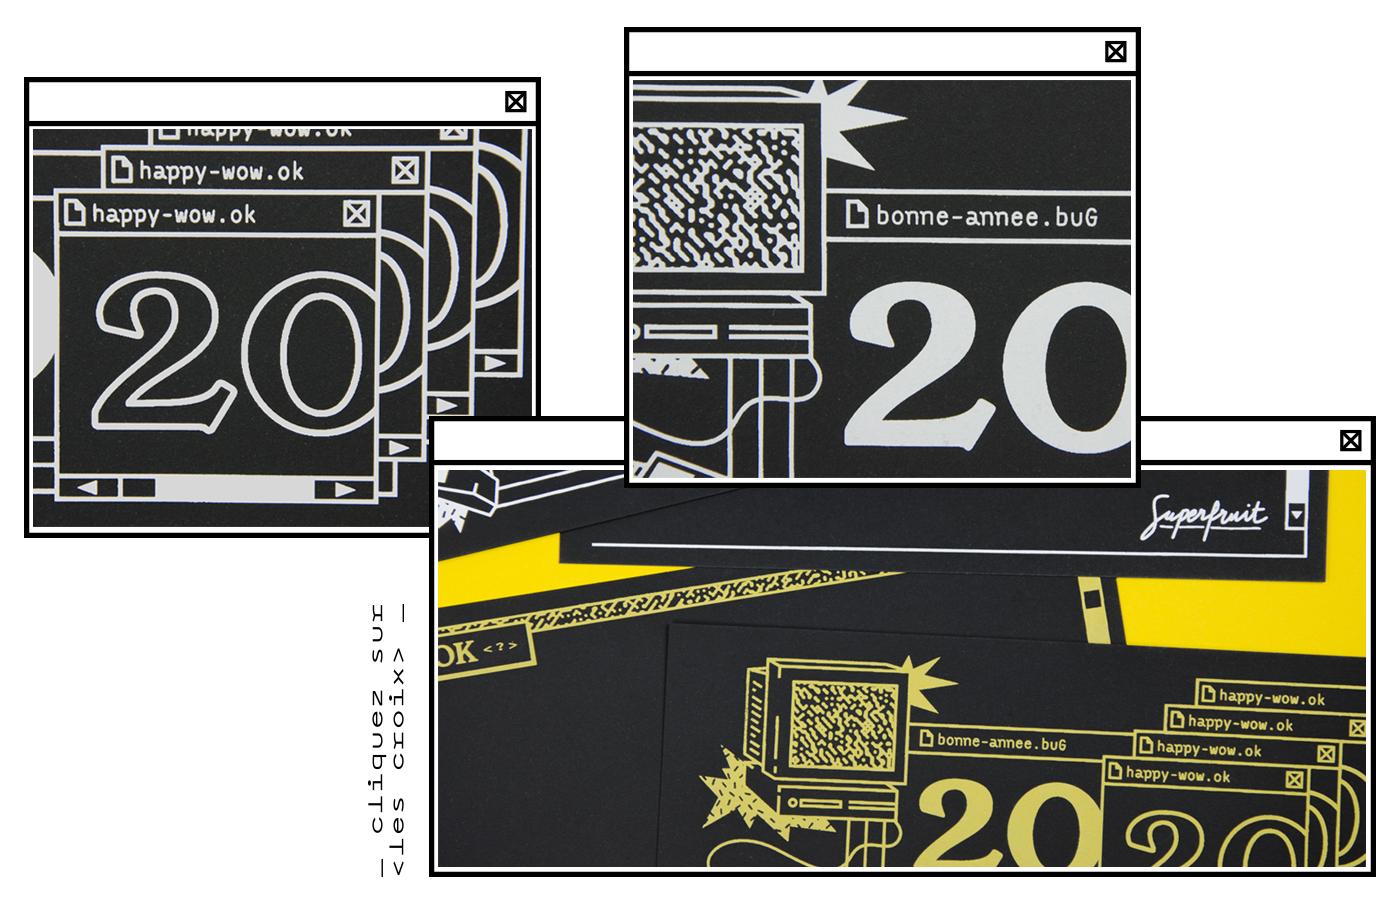 Détails des cartes de voeux 2020 en sérigraphie artisanale sur le thème du bug informatique de l'an 2000 : typographies, fenêtres superposées